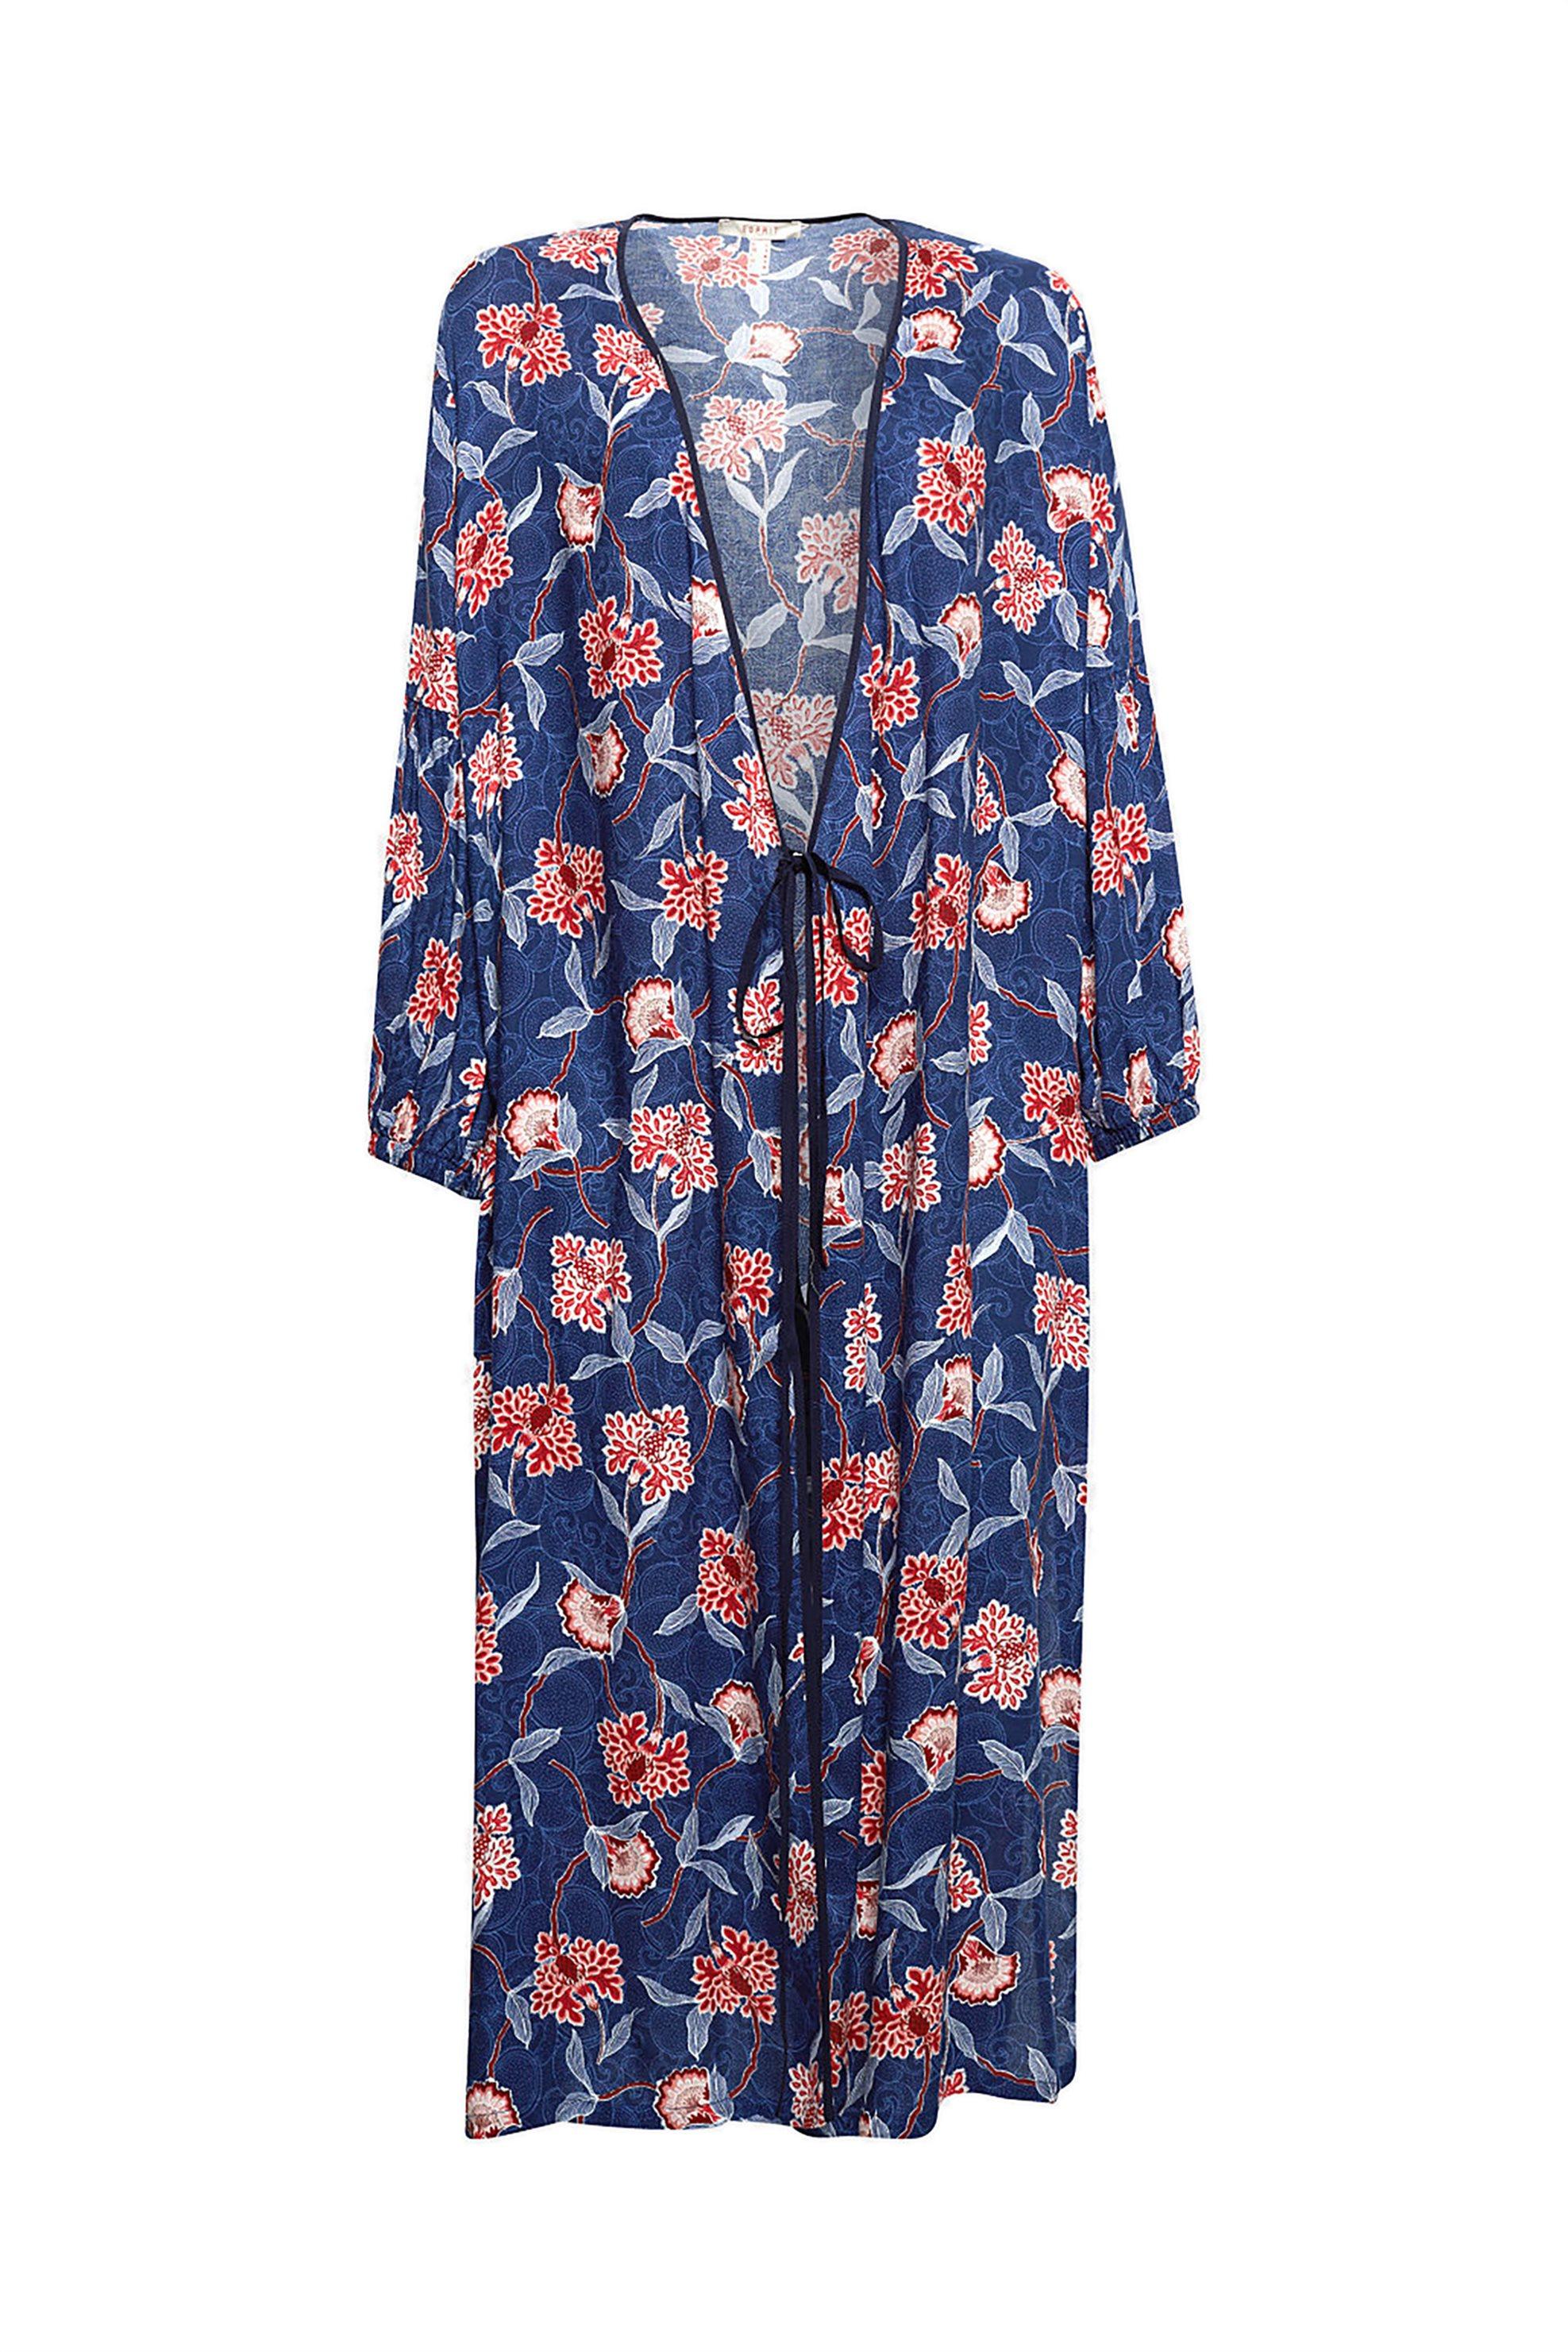 Γυναικείο φλοράλ κρουαζέ φόρεμα Esprit - 038EE1E016 - Μπλε Σκούρο γυναικα   ρουχα   φορέματα   midi φορέματα